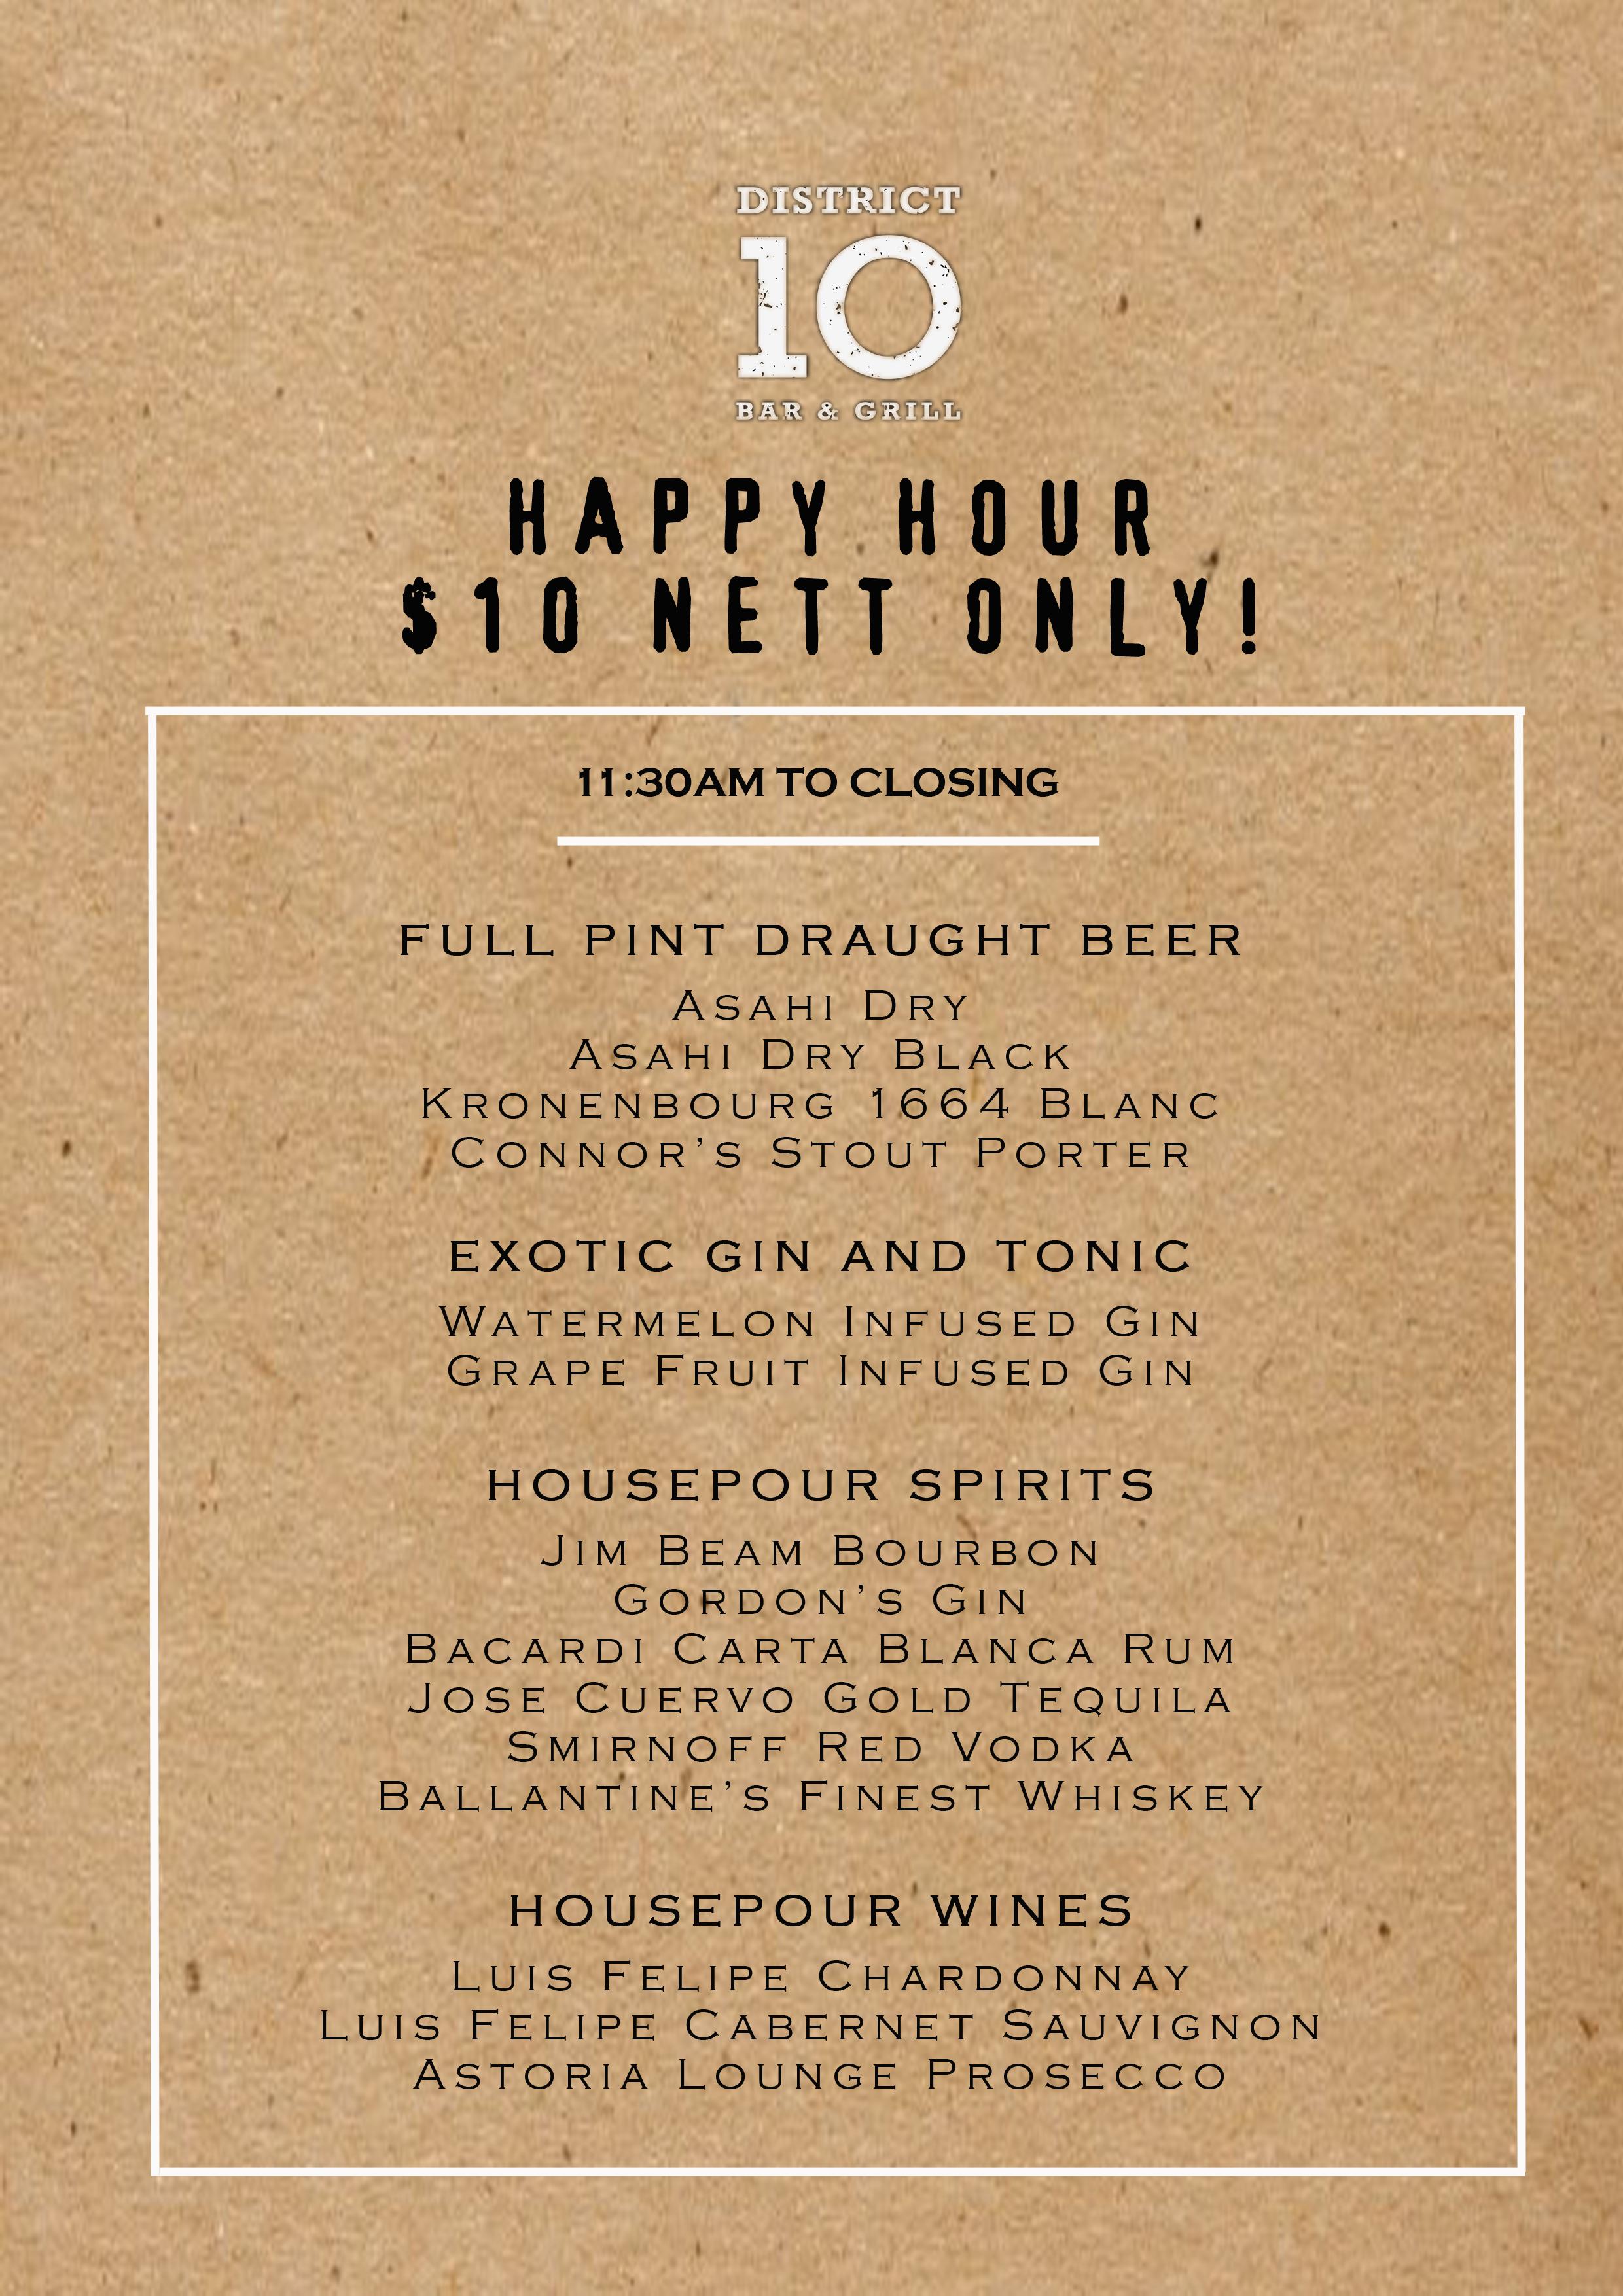 D10 SUNTEC Happy Hour $10 nett copy